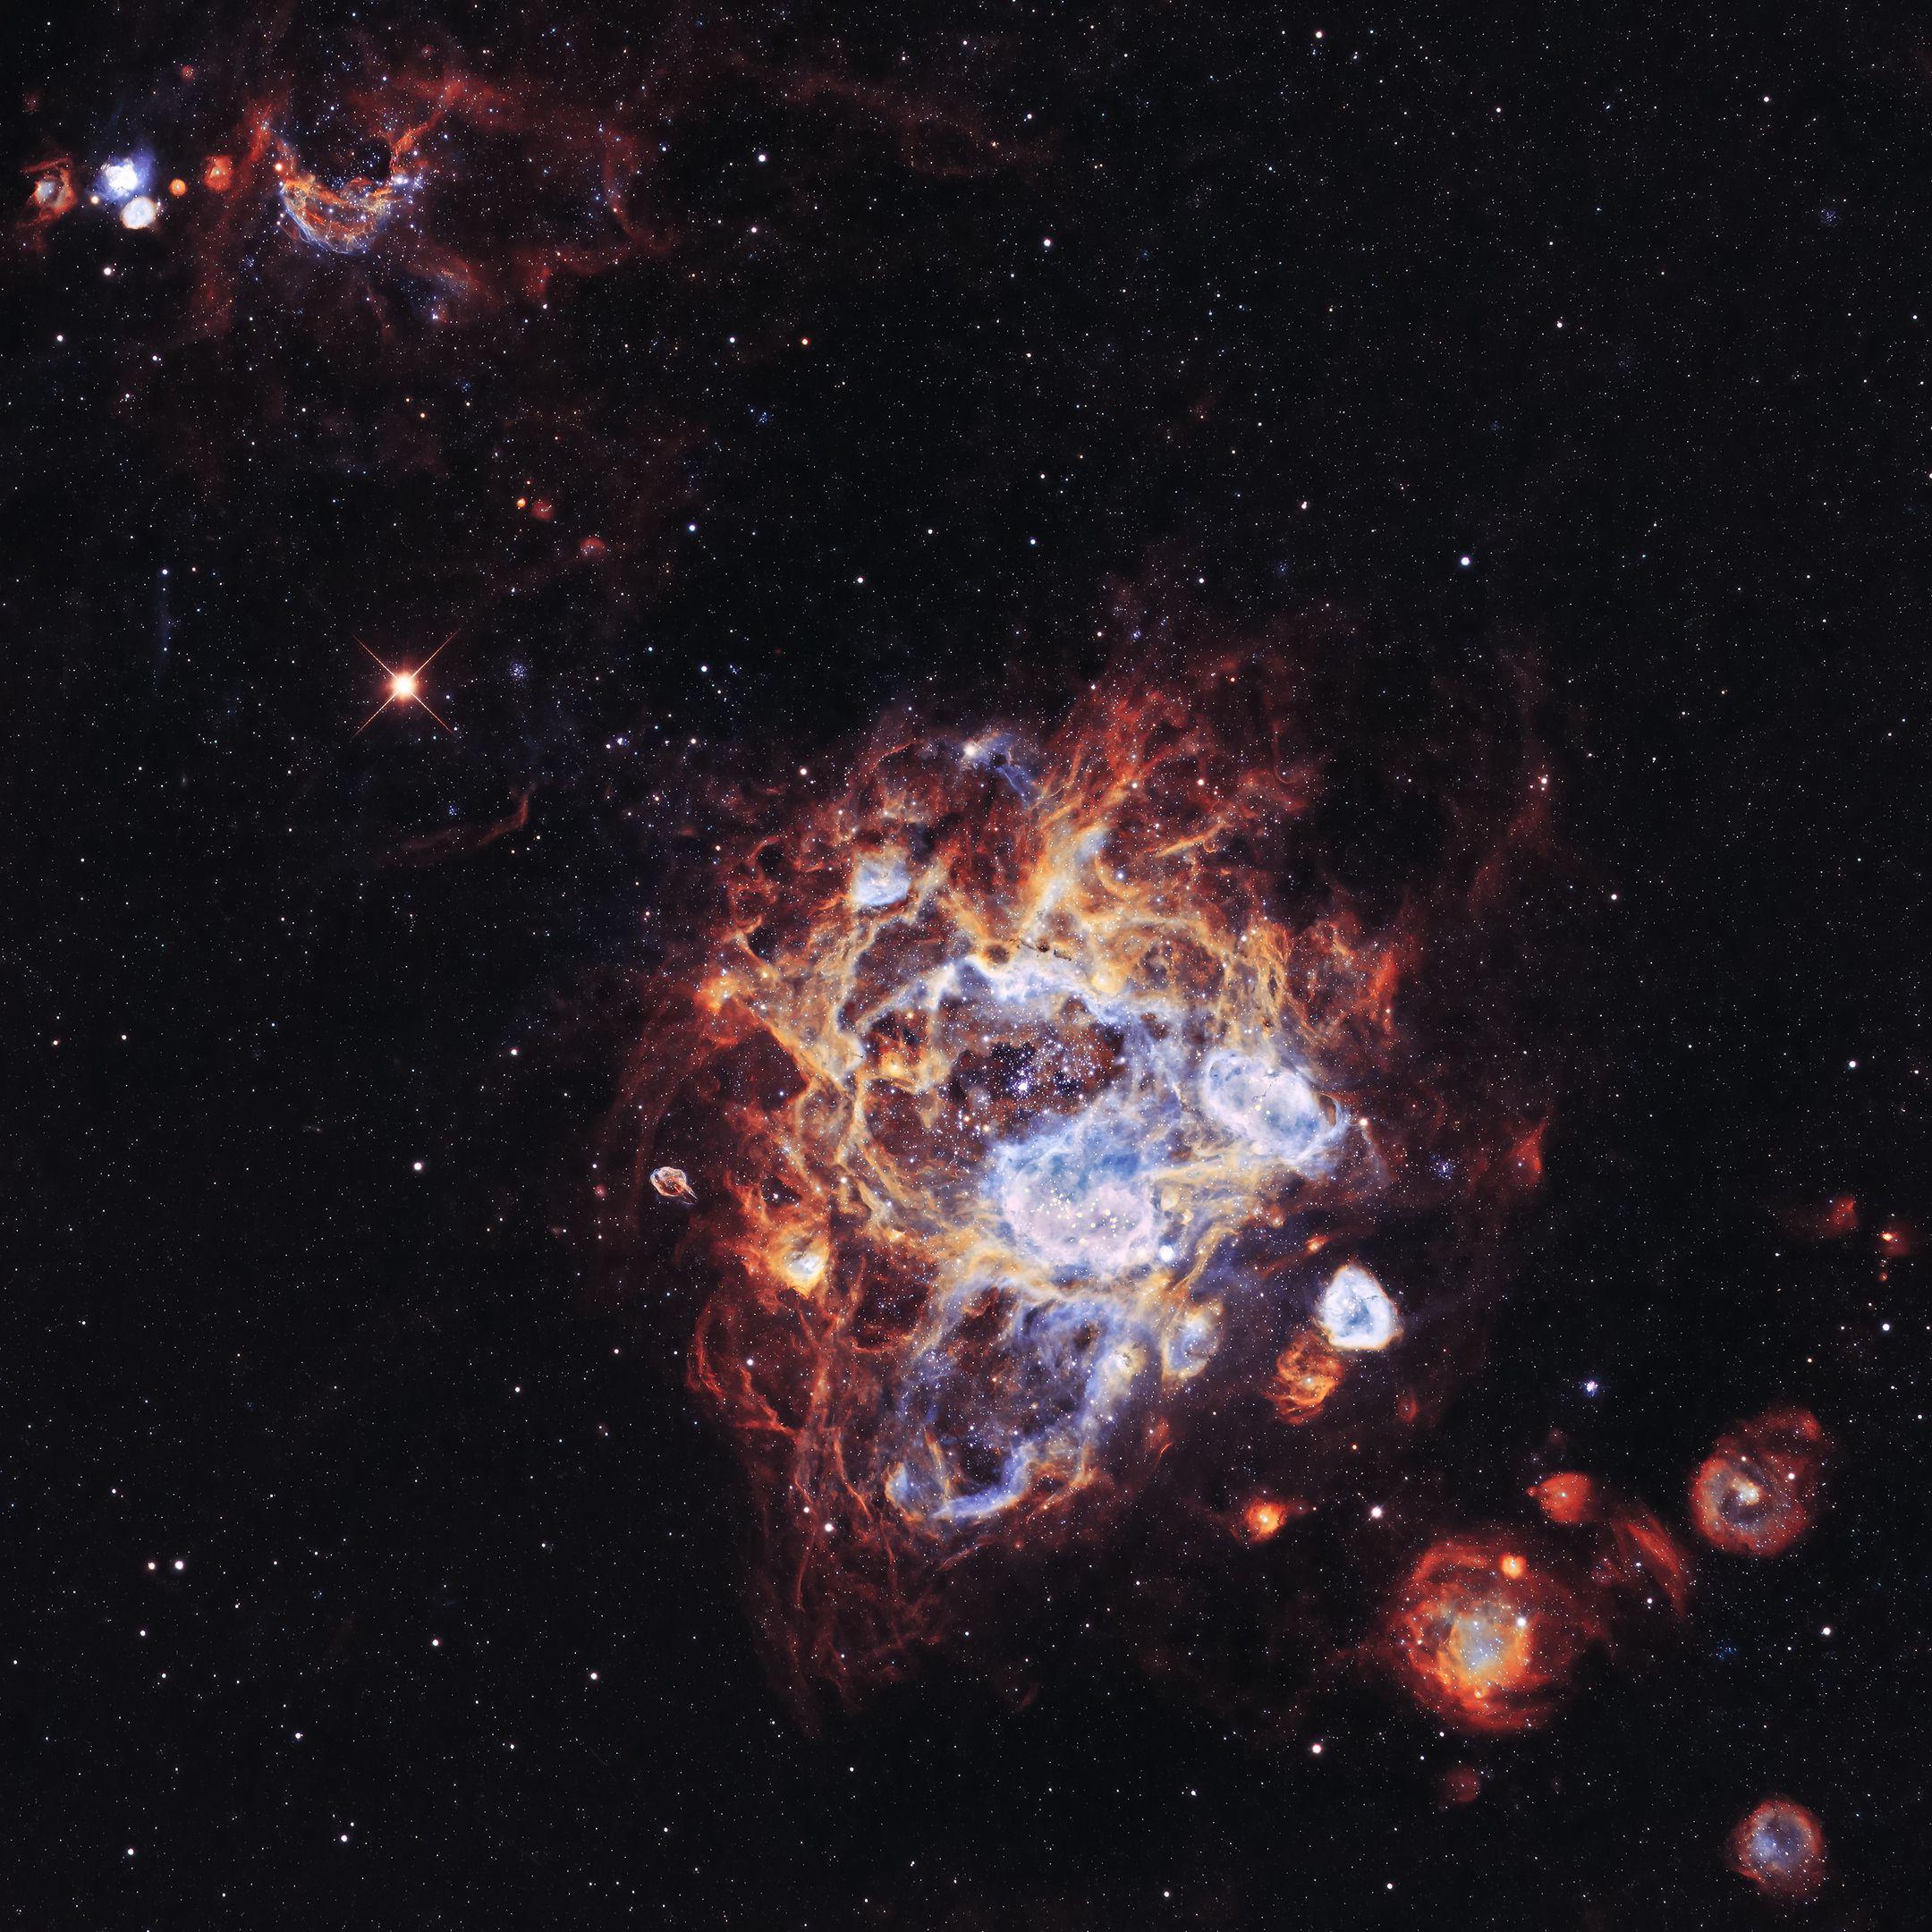 115388 Hintergrundbild herunterladen Licht, Universum, Sterne, Scheinen, Nebel, Galaxis, Galaxy - Bildschirmschoner und Bilder kostenlos